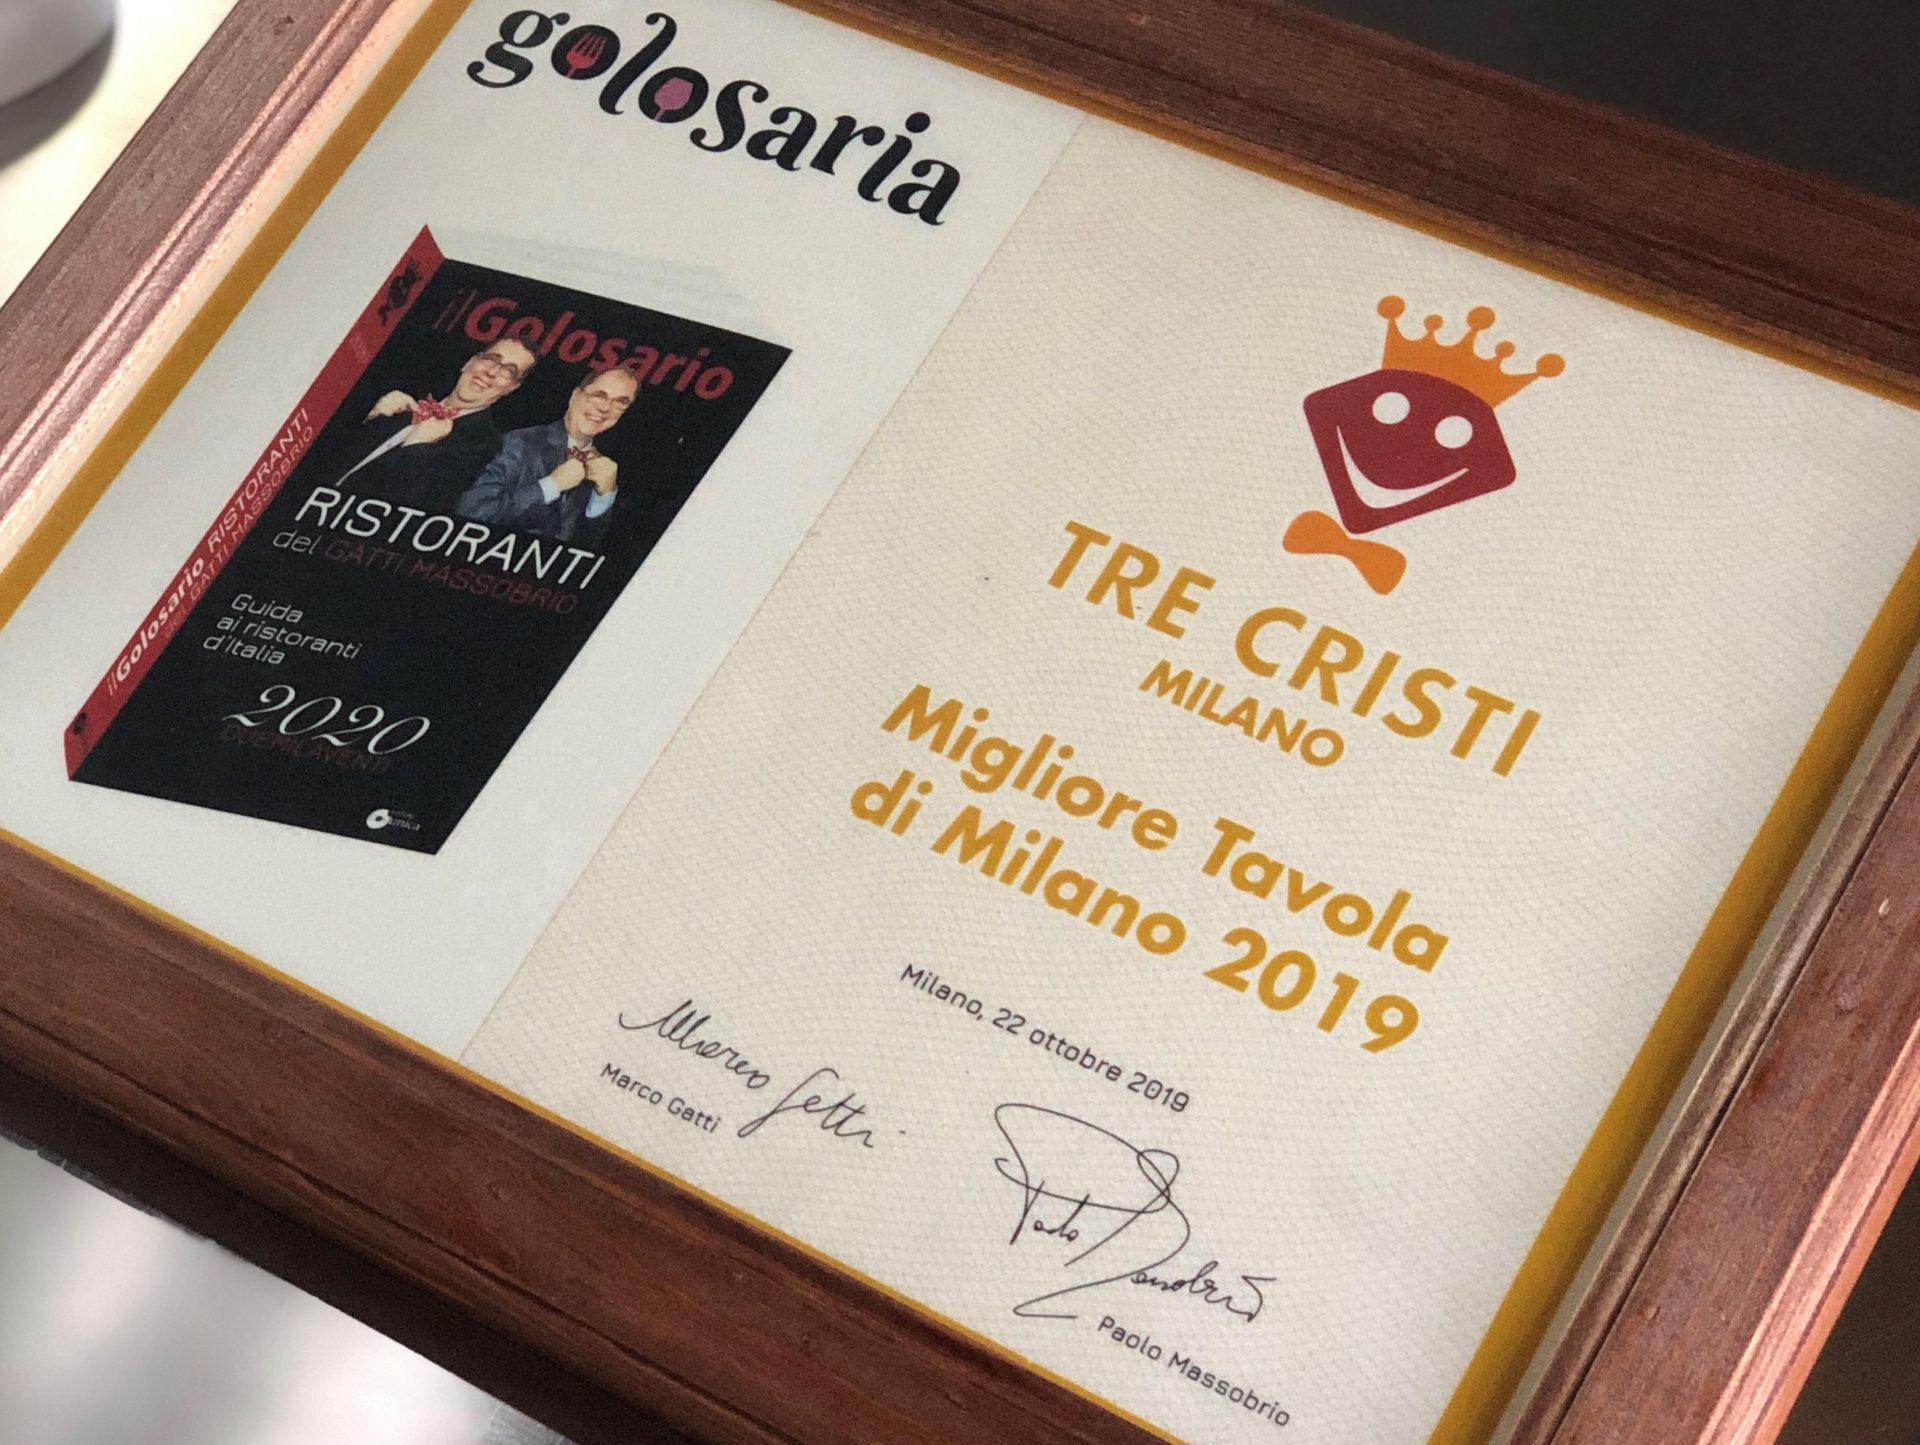 Tre Cristi Milano festeggia un periodo di premi